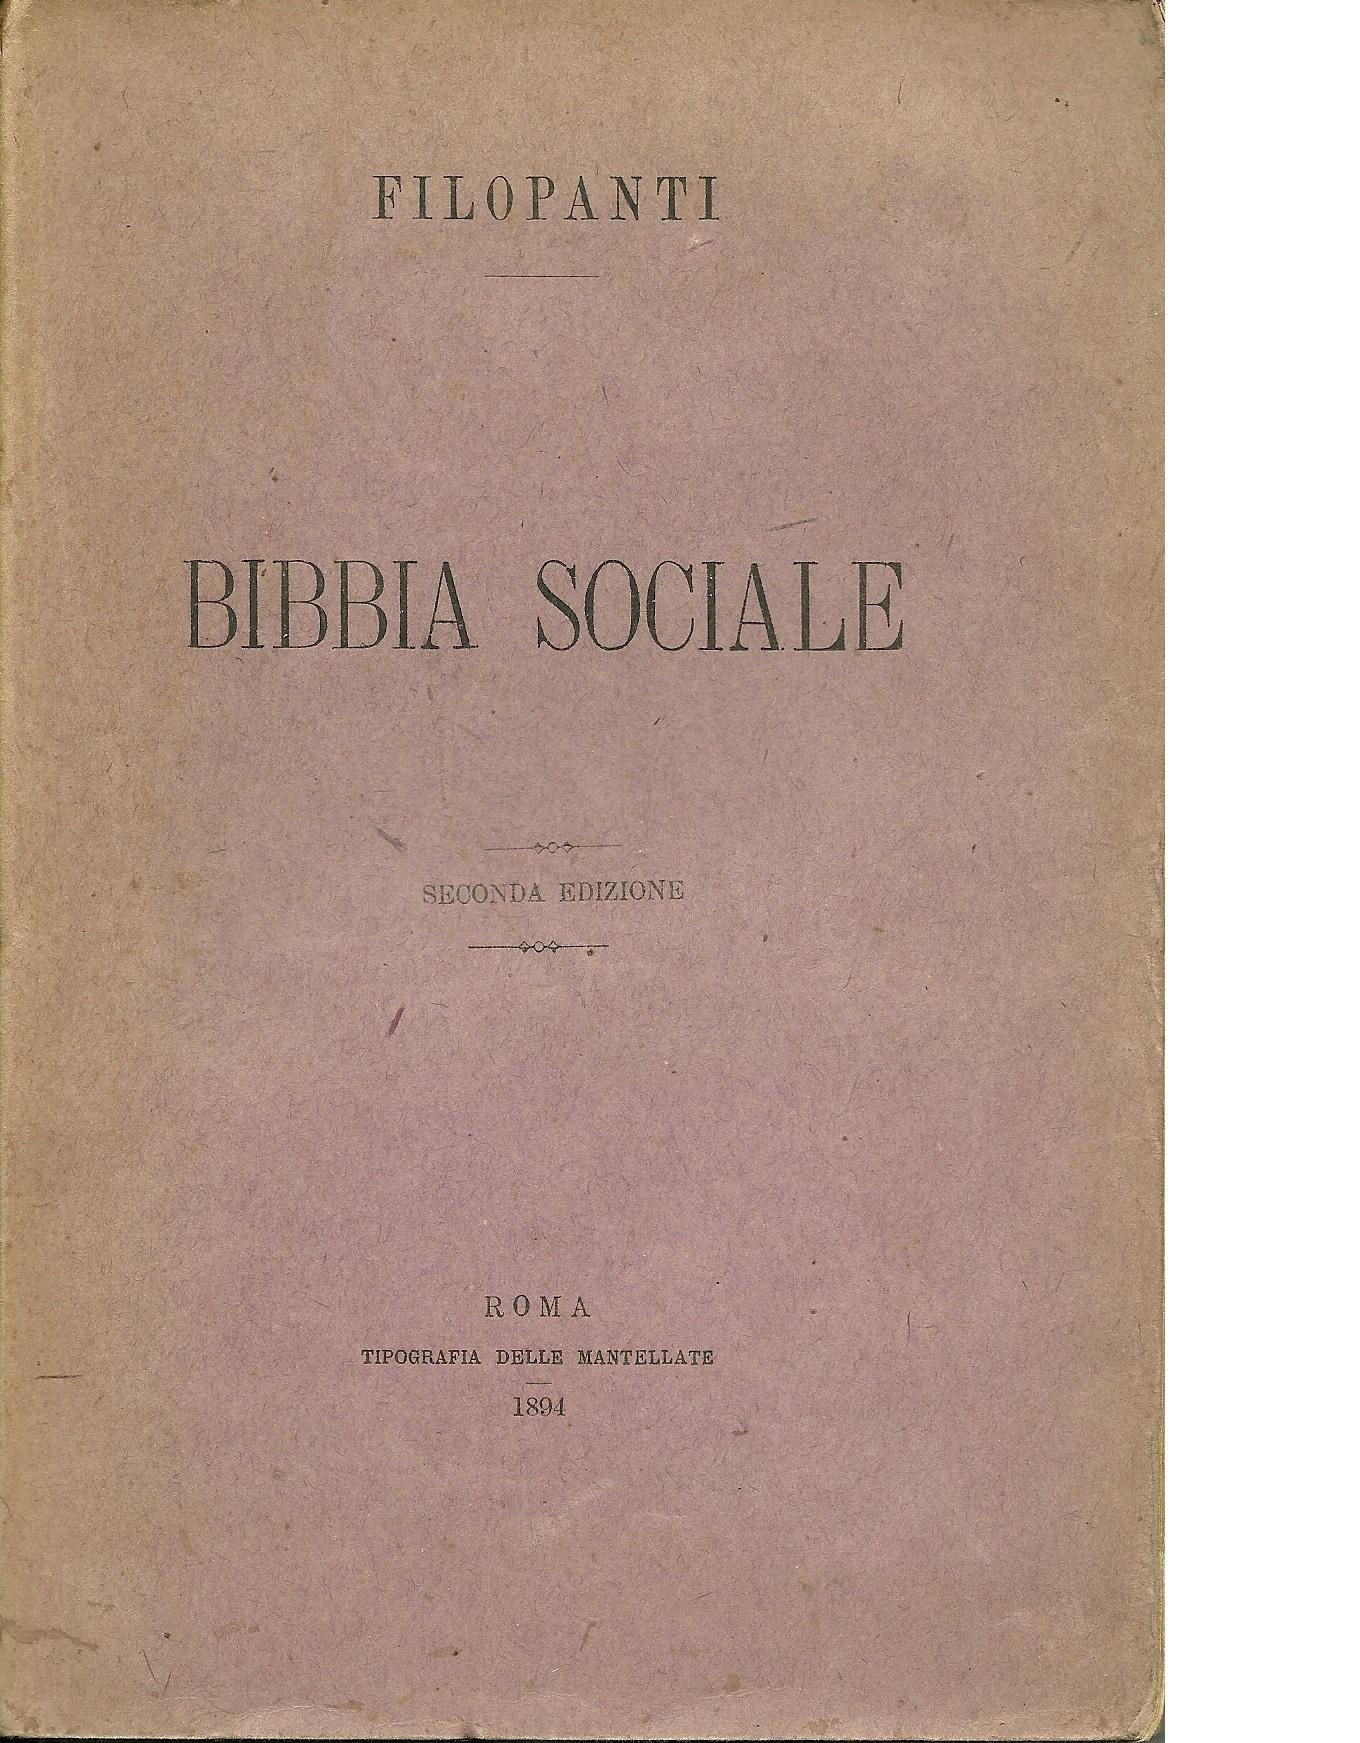 Bibbia sociale